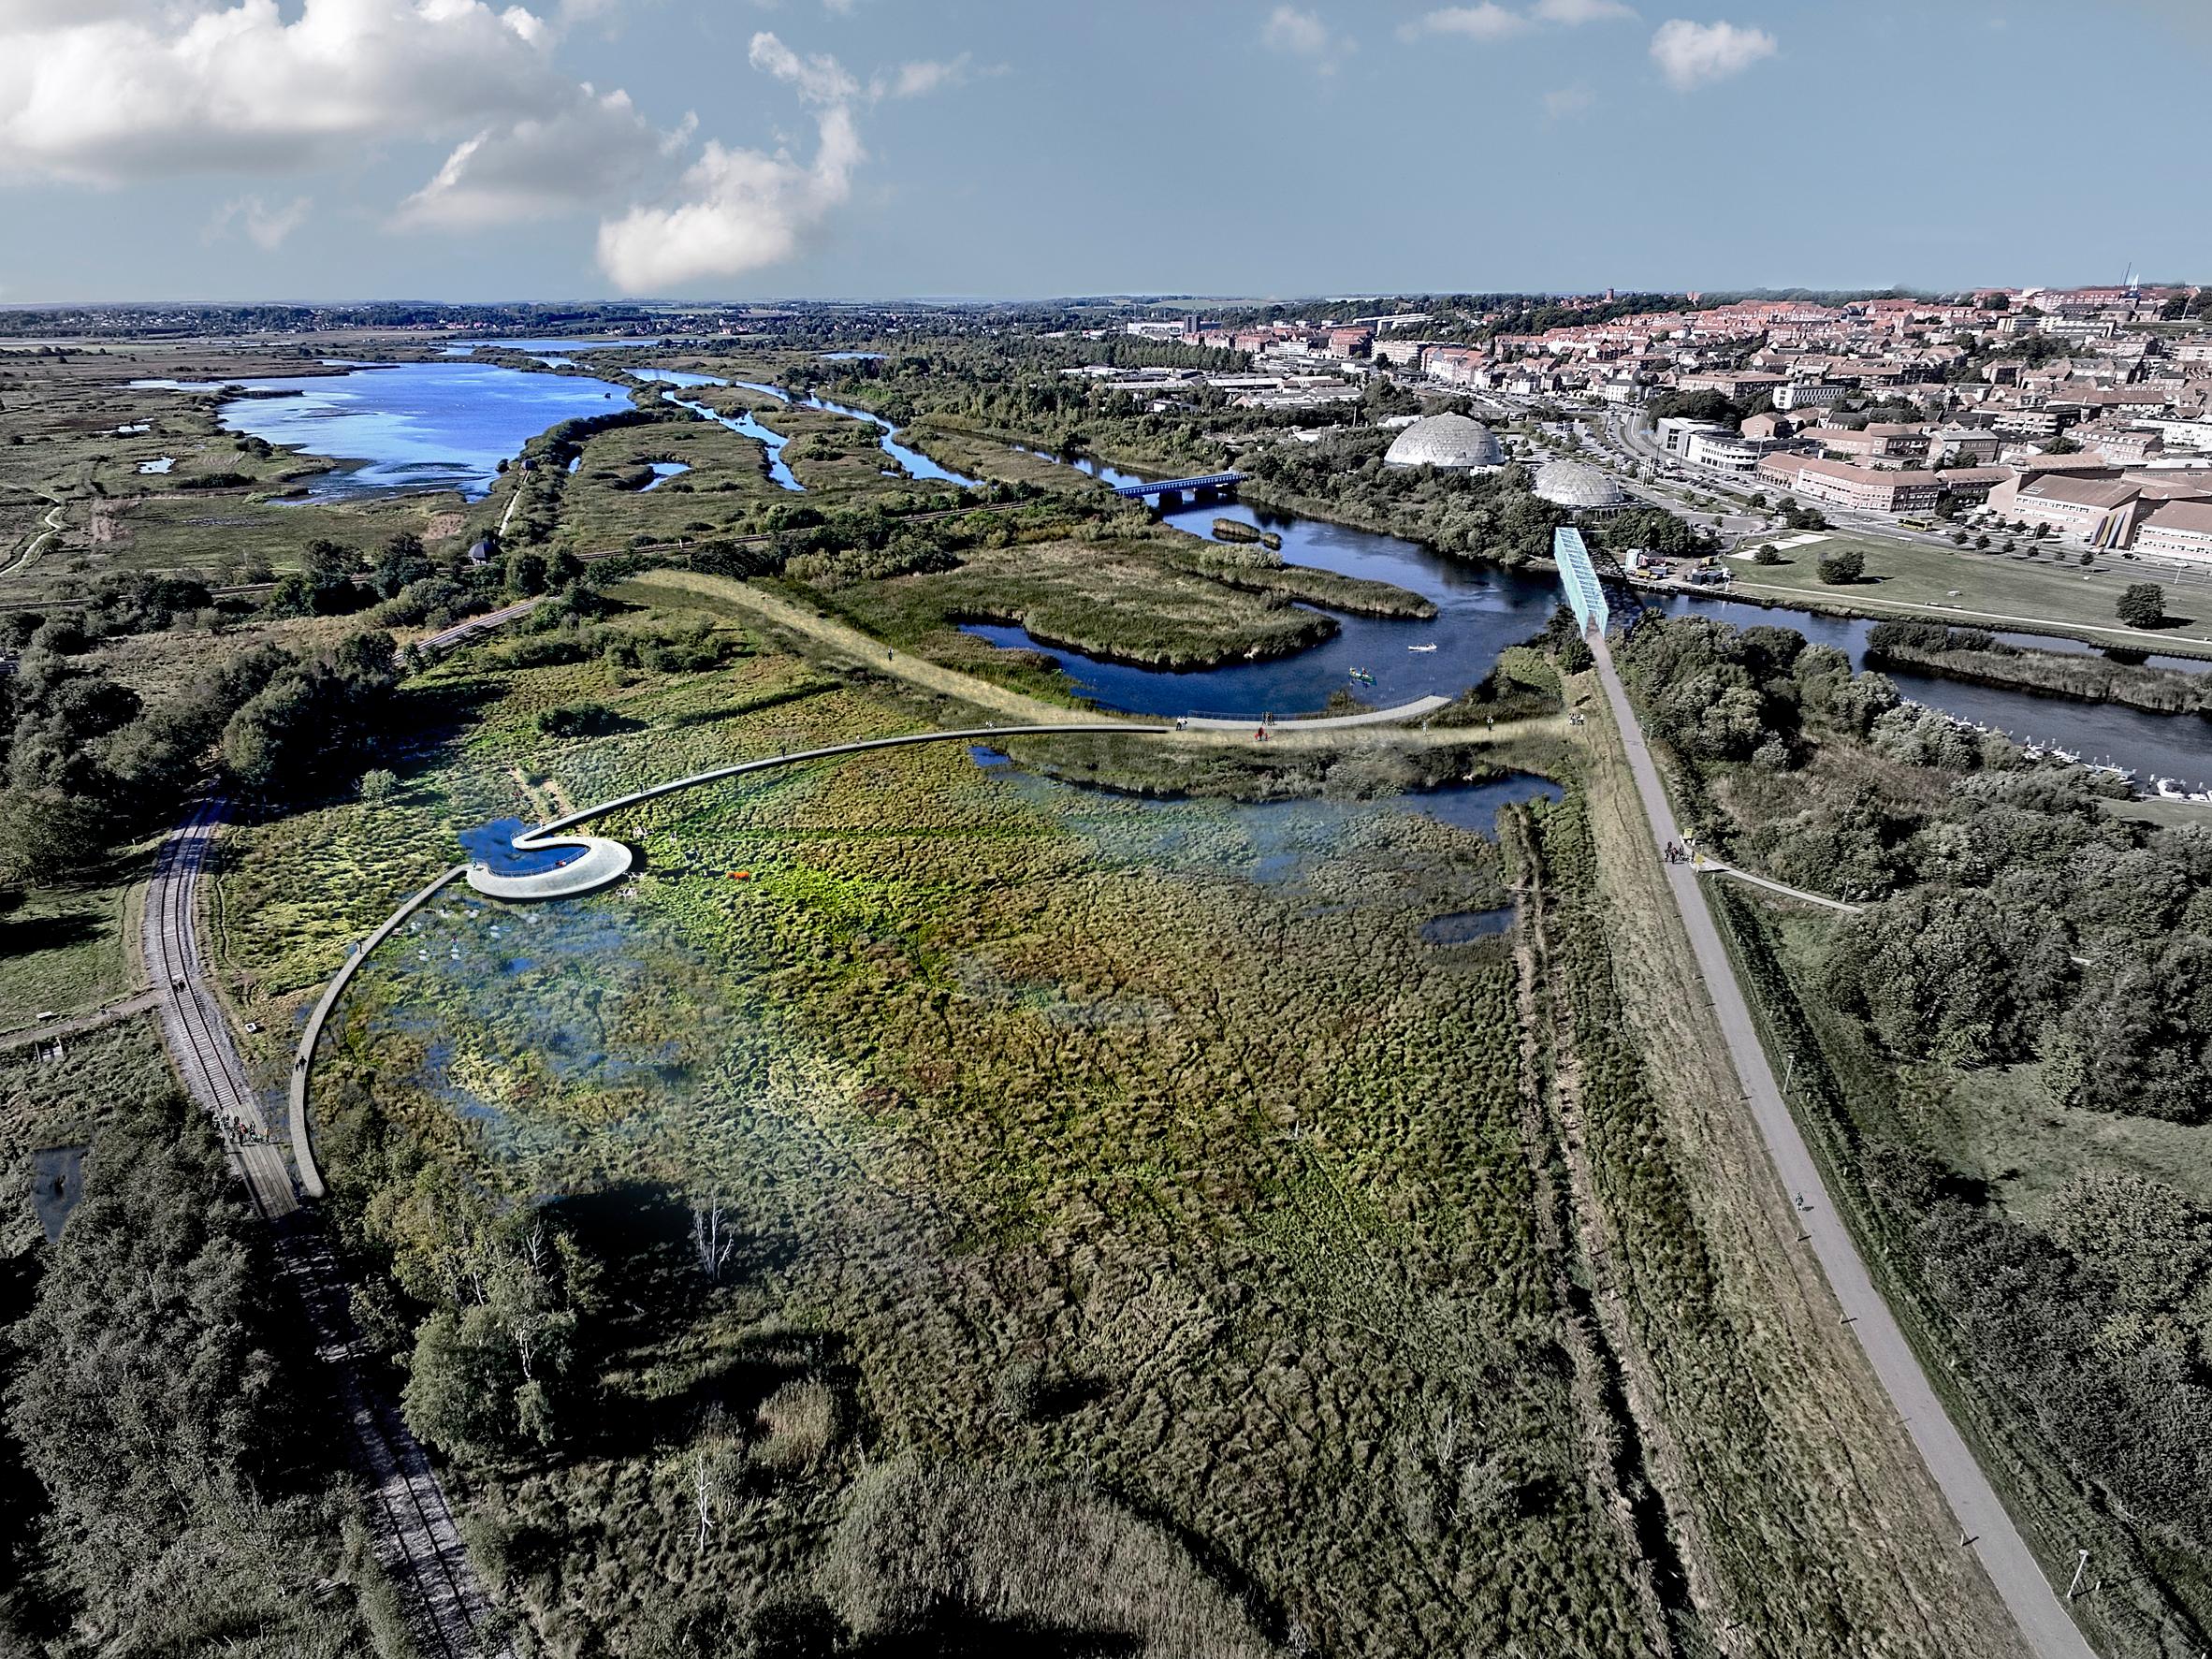 CF Møller's hybrid flood defences will create new nature park in Denmark